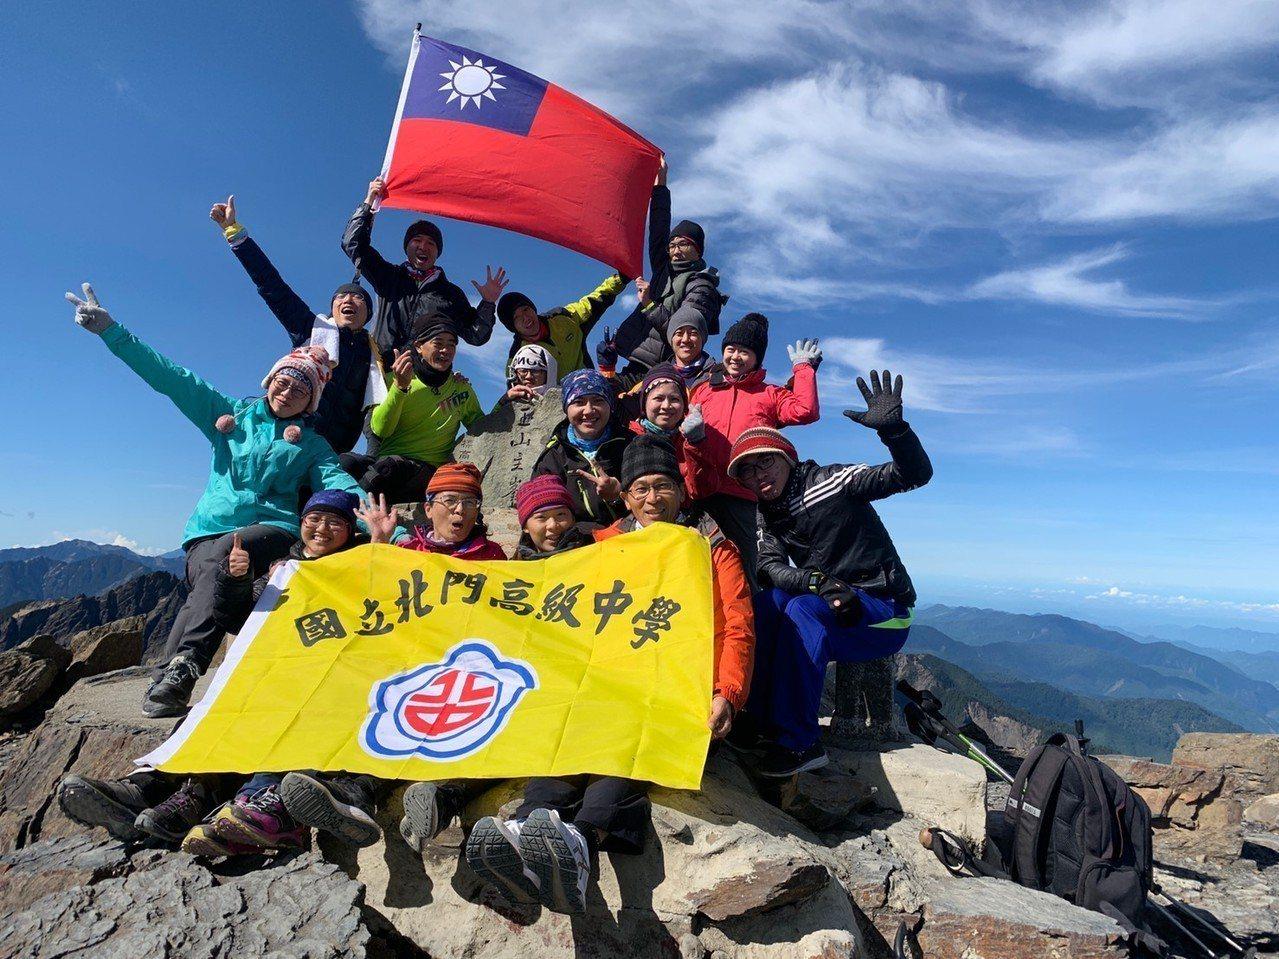 挑戰自我,北門高中師生成功攻頂玉山主峰,大夥開心拿出國旗合影。圖/北門高中提供